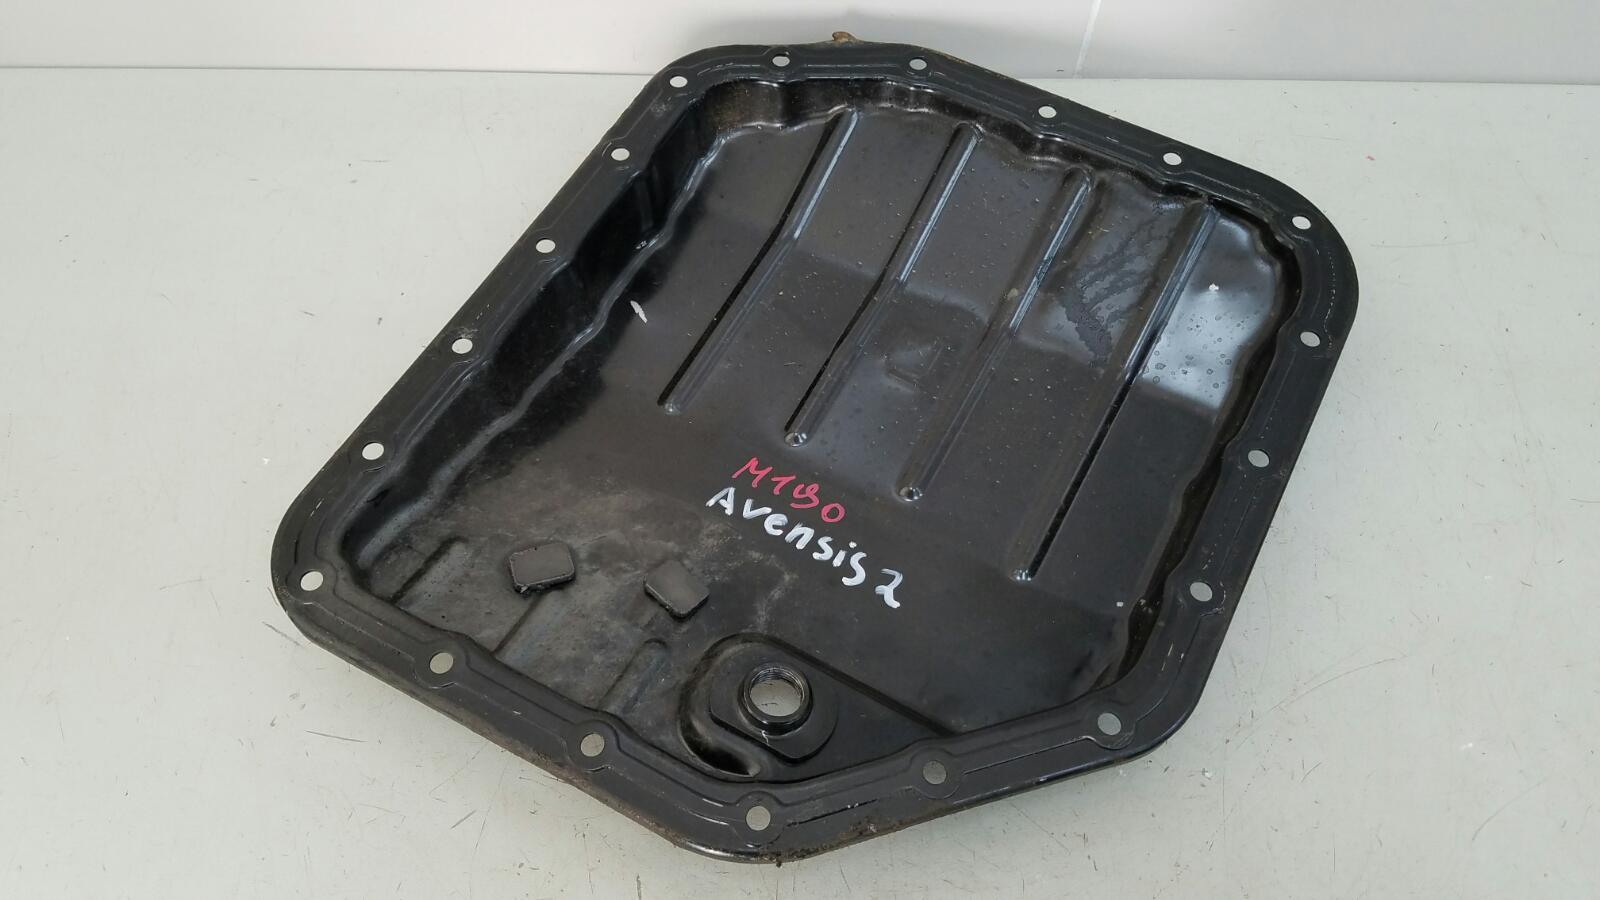 Поддон коробки переключения передач Toyota Avensis 2 T250 1ZZ-FE 1.8Л 2008